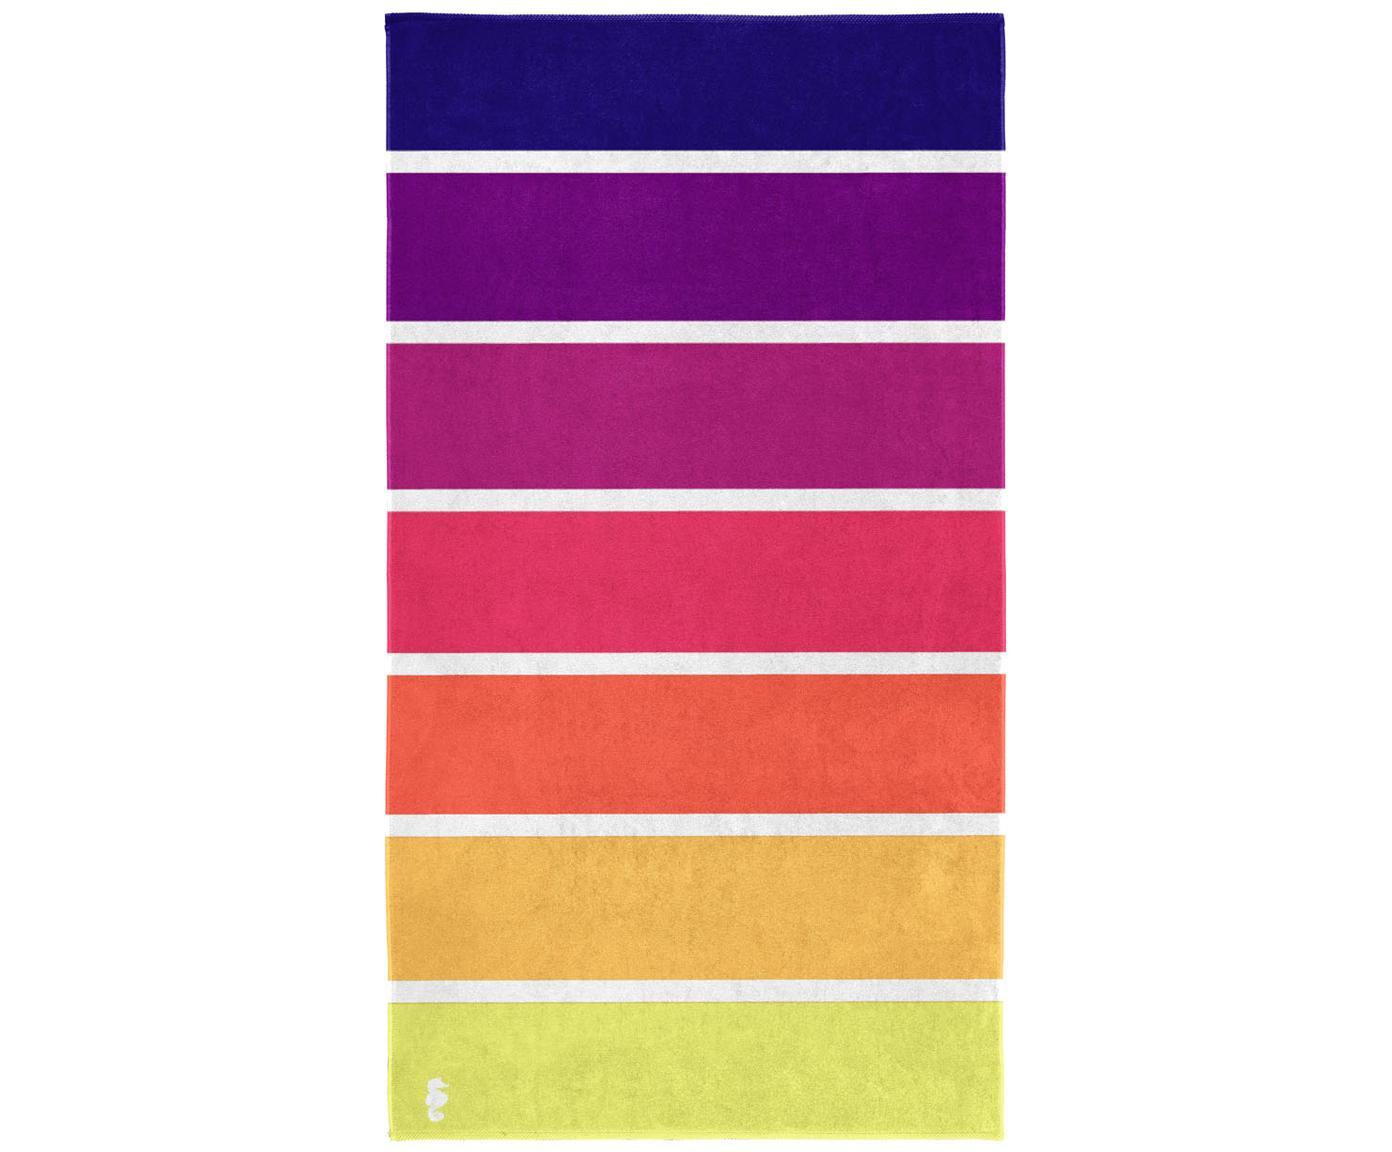 Toalla de playa Marbella, Algodón, Amarillo, naranja, rosa, lila, violeta, An 100 x L 180 cm